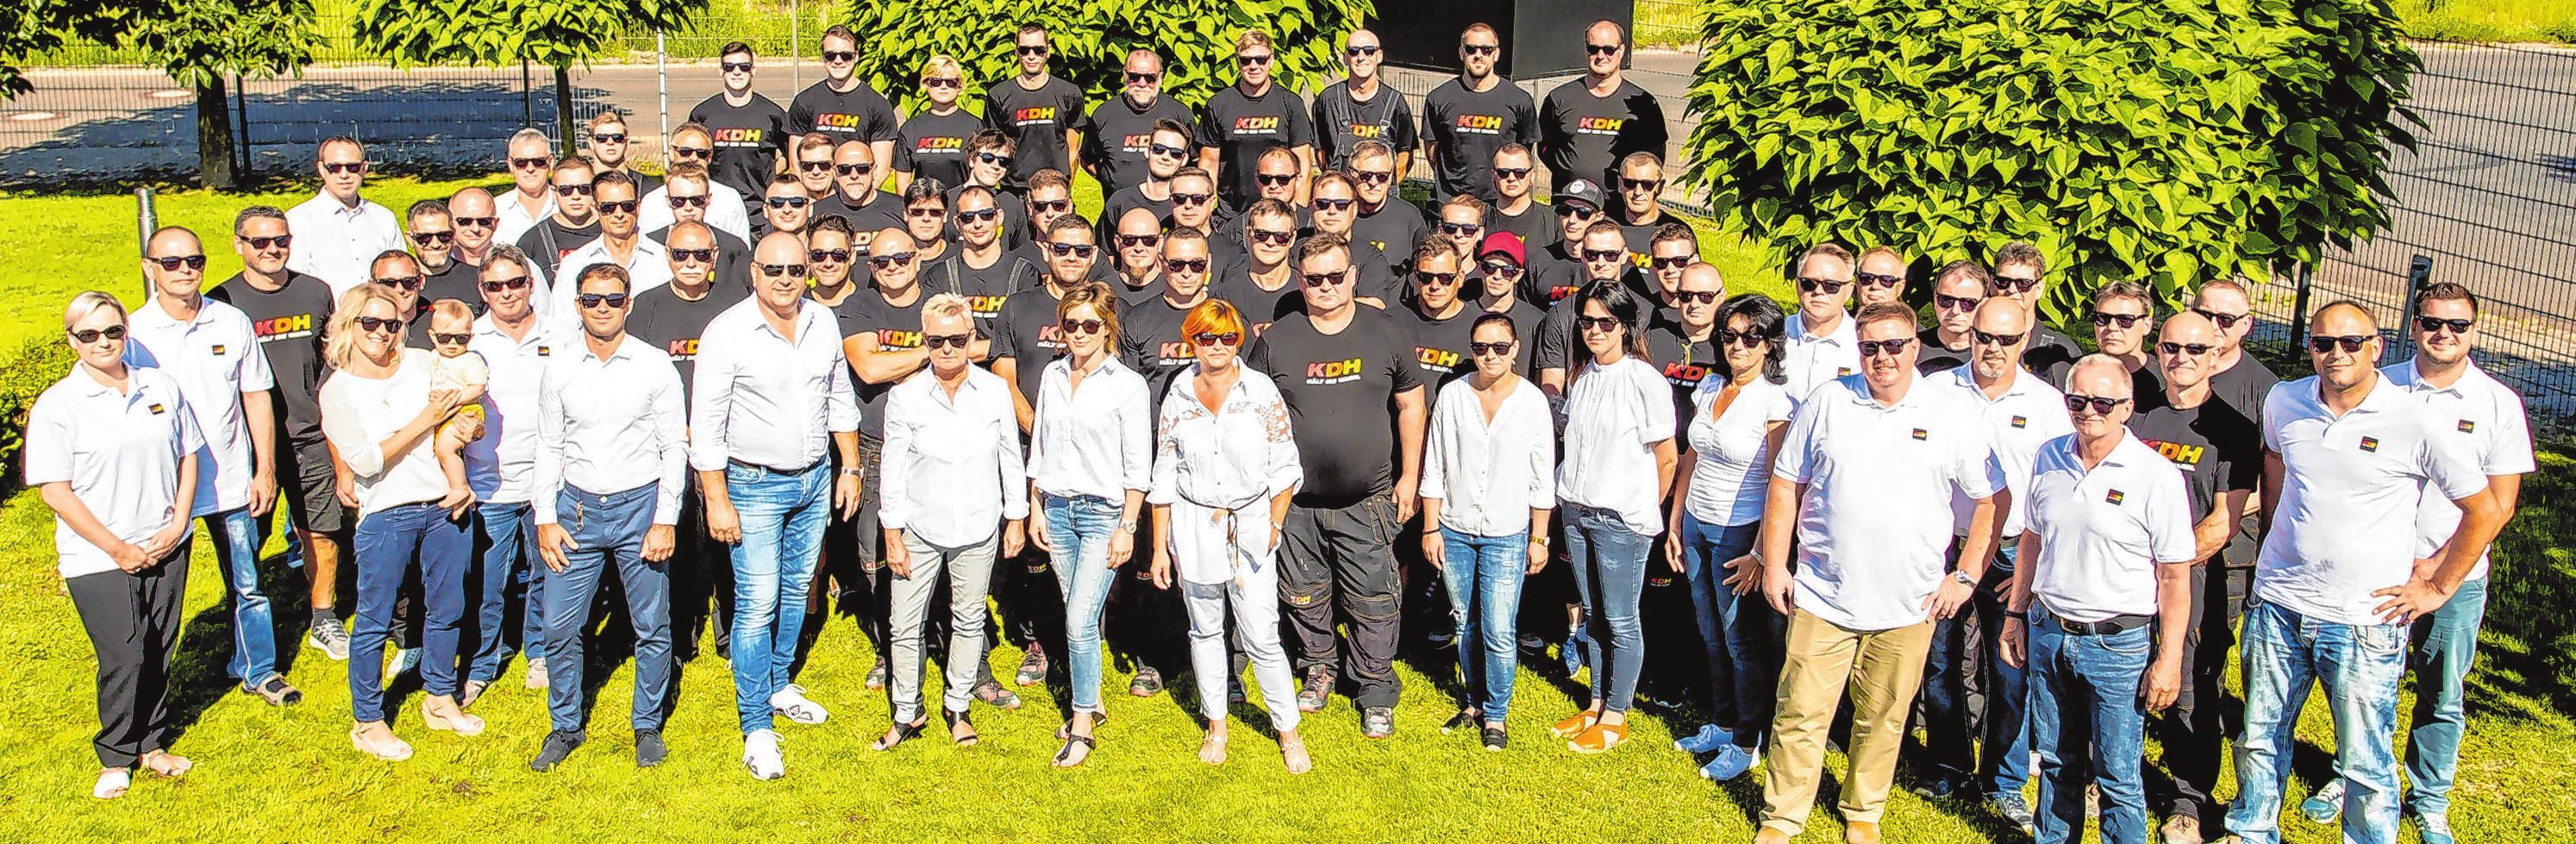 Ein Teamfoto aus der Zeit vor Corona: Die KDH Energie-Versorgungstechnik GmbH begeht in diesem Jahr ihr 30-jähriges Jubiläum. Der Betrieb mit Sitz in Markendorf Siedlung hat zurzeit 84 Mitarbeiter und bildet jedes Jahr Anlagenmechaniker aus. Fotos (2): René Matschkowiak